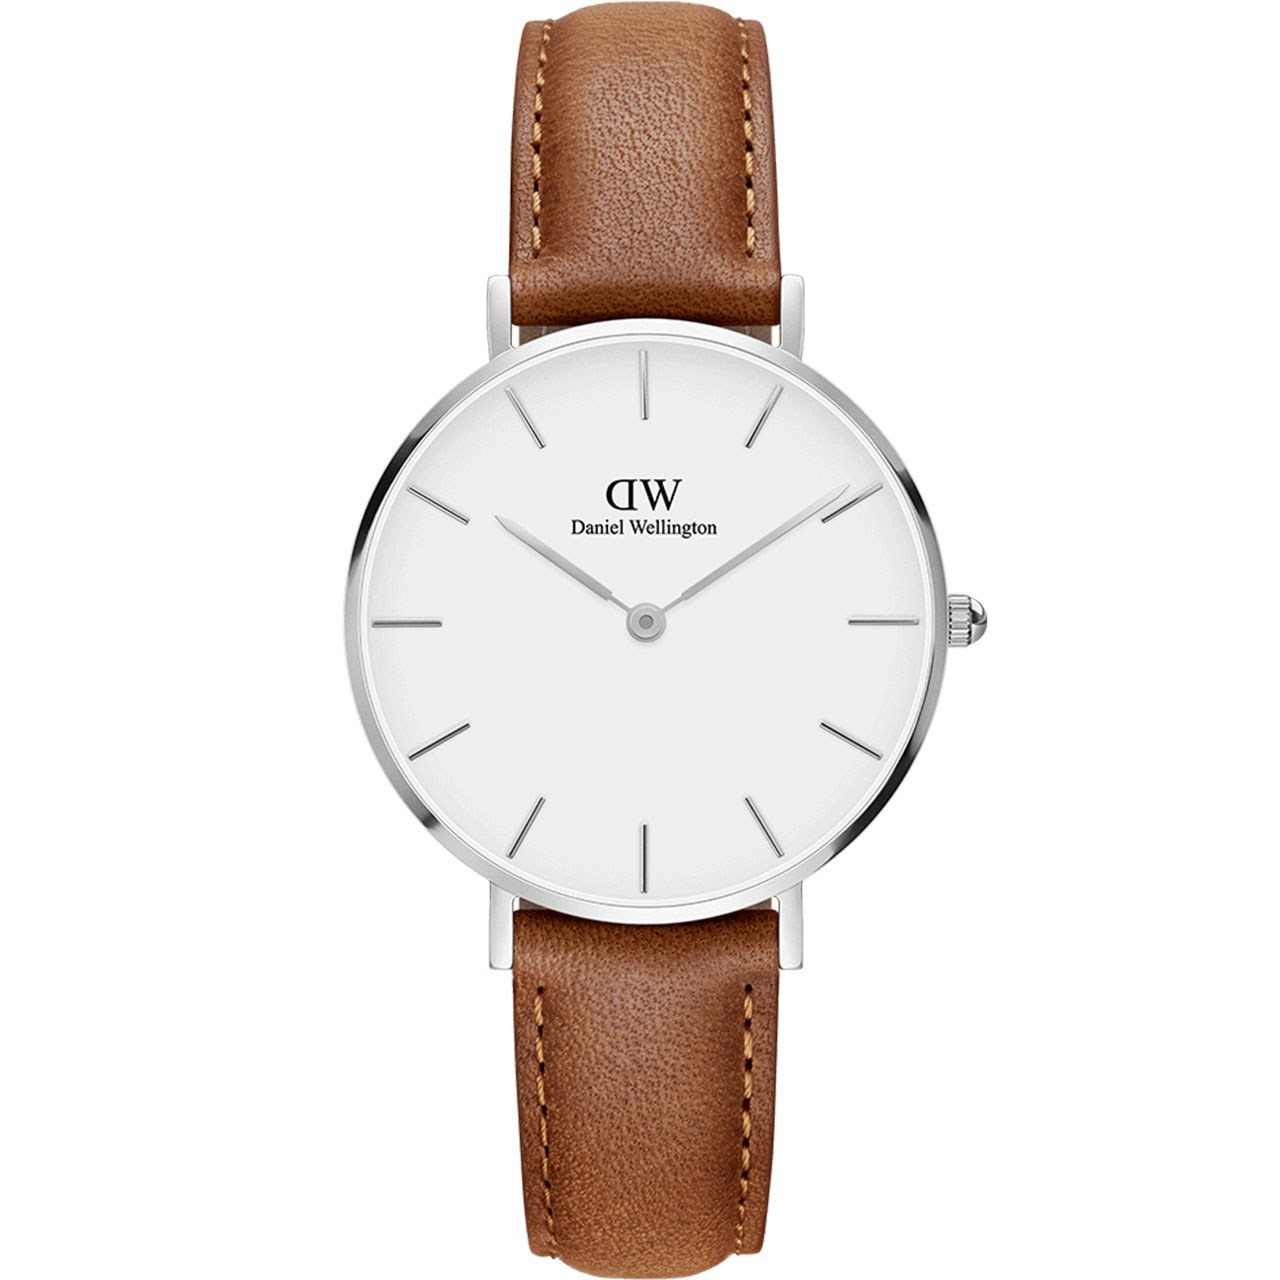 ساعت مچی عقربه ای زنانه دنیل ولینگتون مدل DW00100184              خرید (⭐️⭐️⭐️)